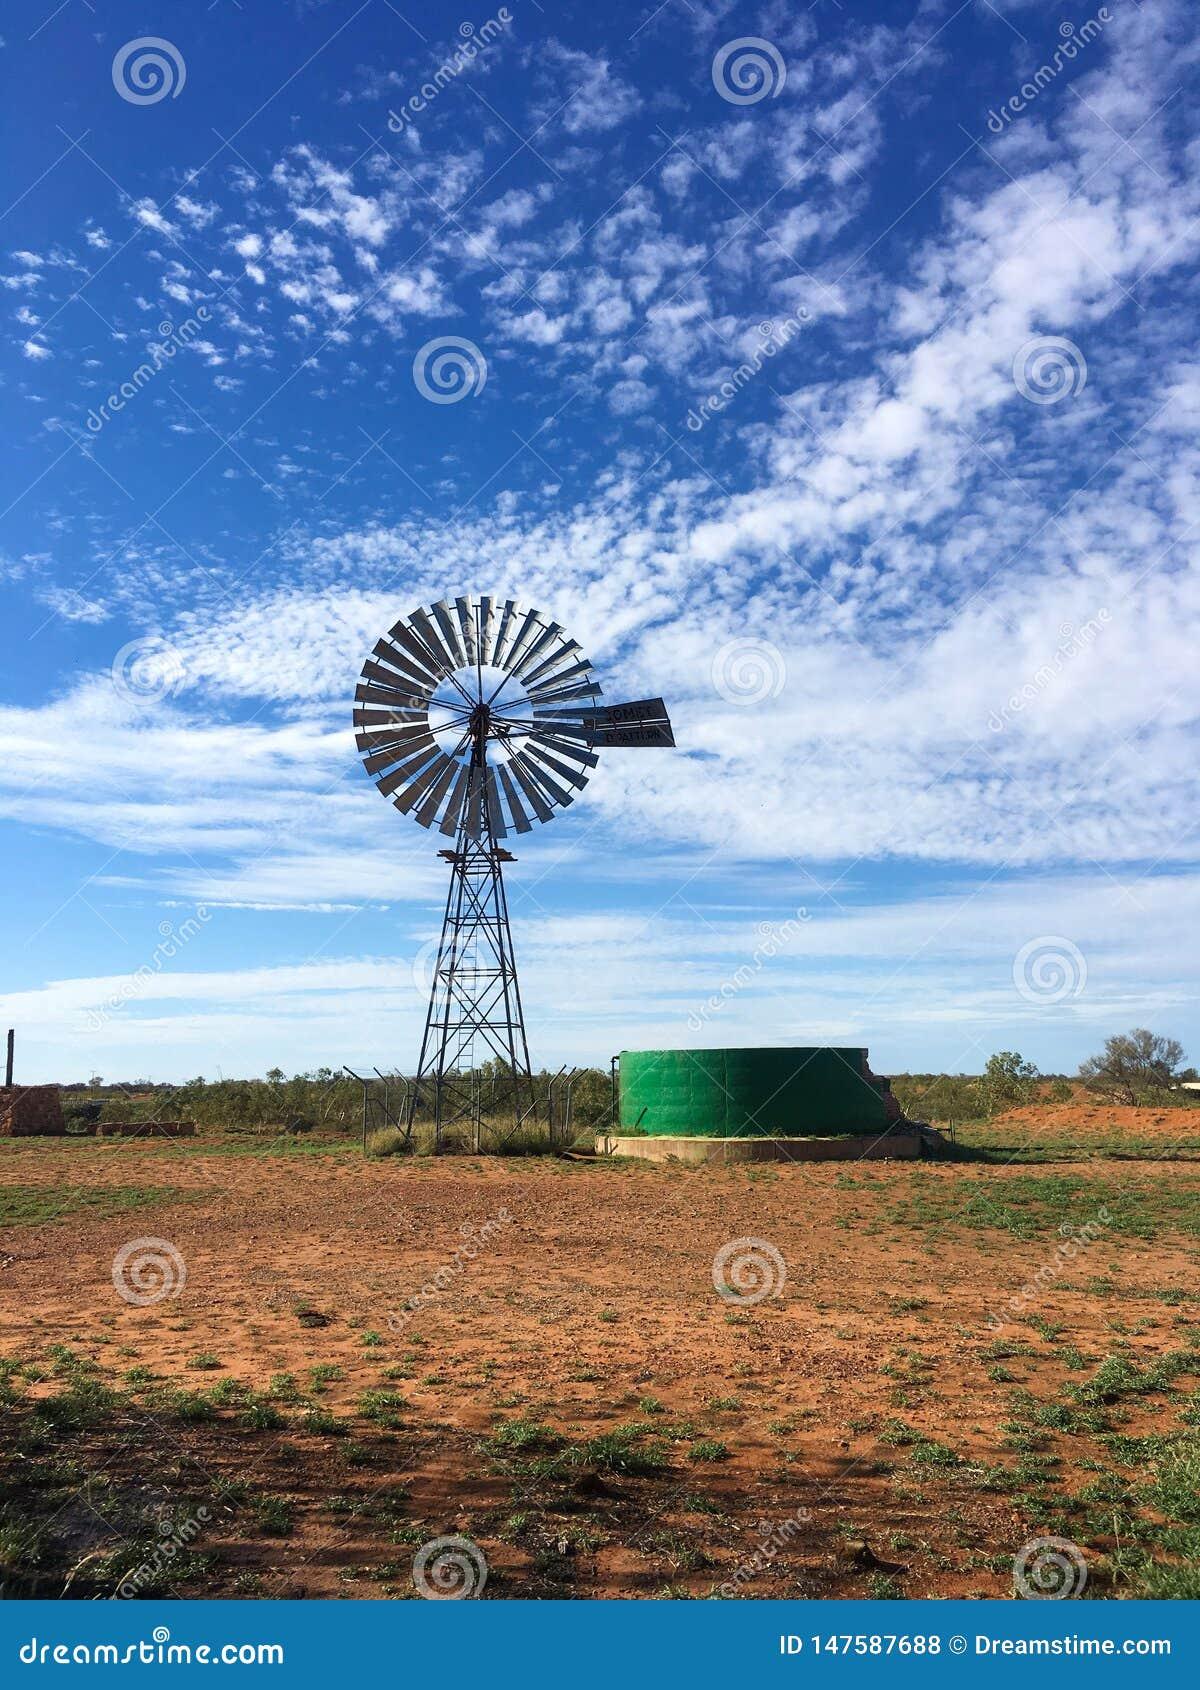 Windmühle in der Wüste in Australien